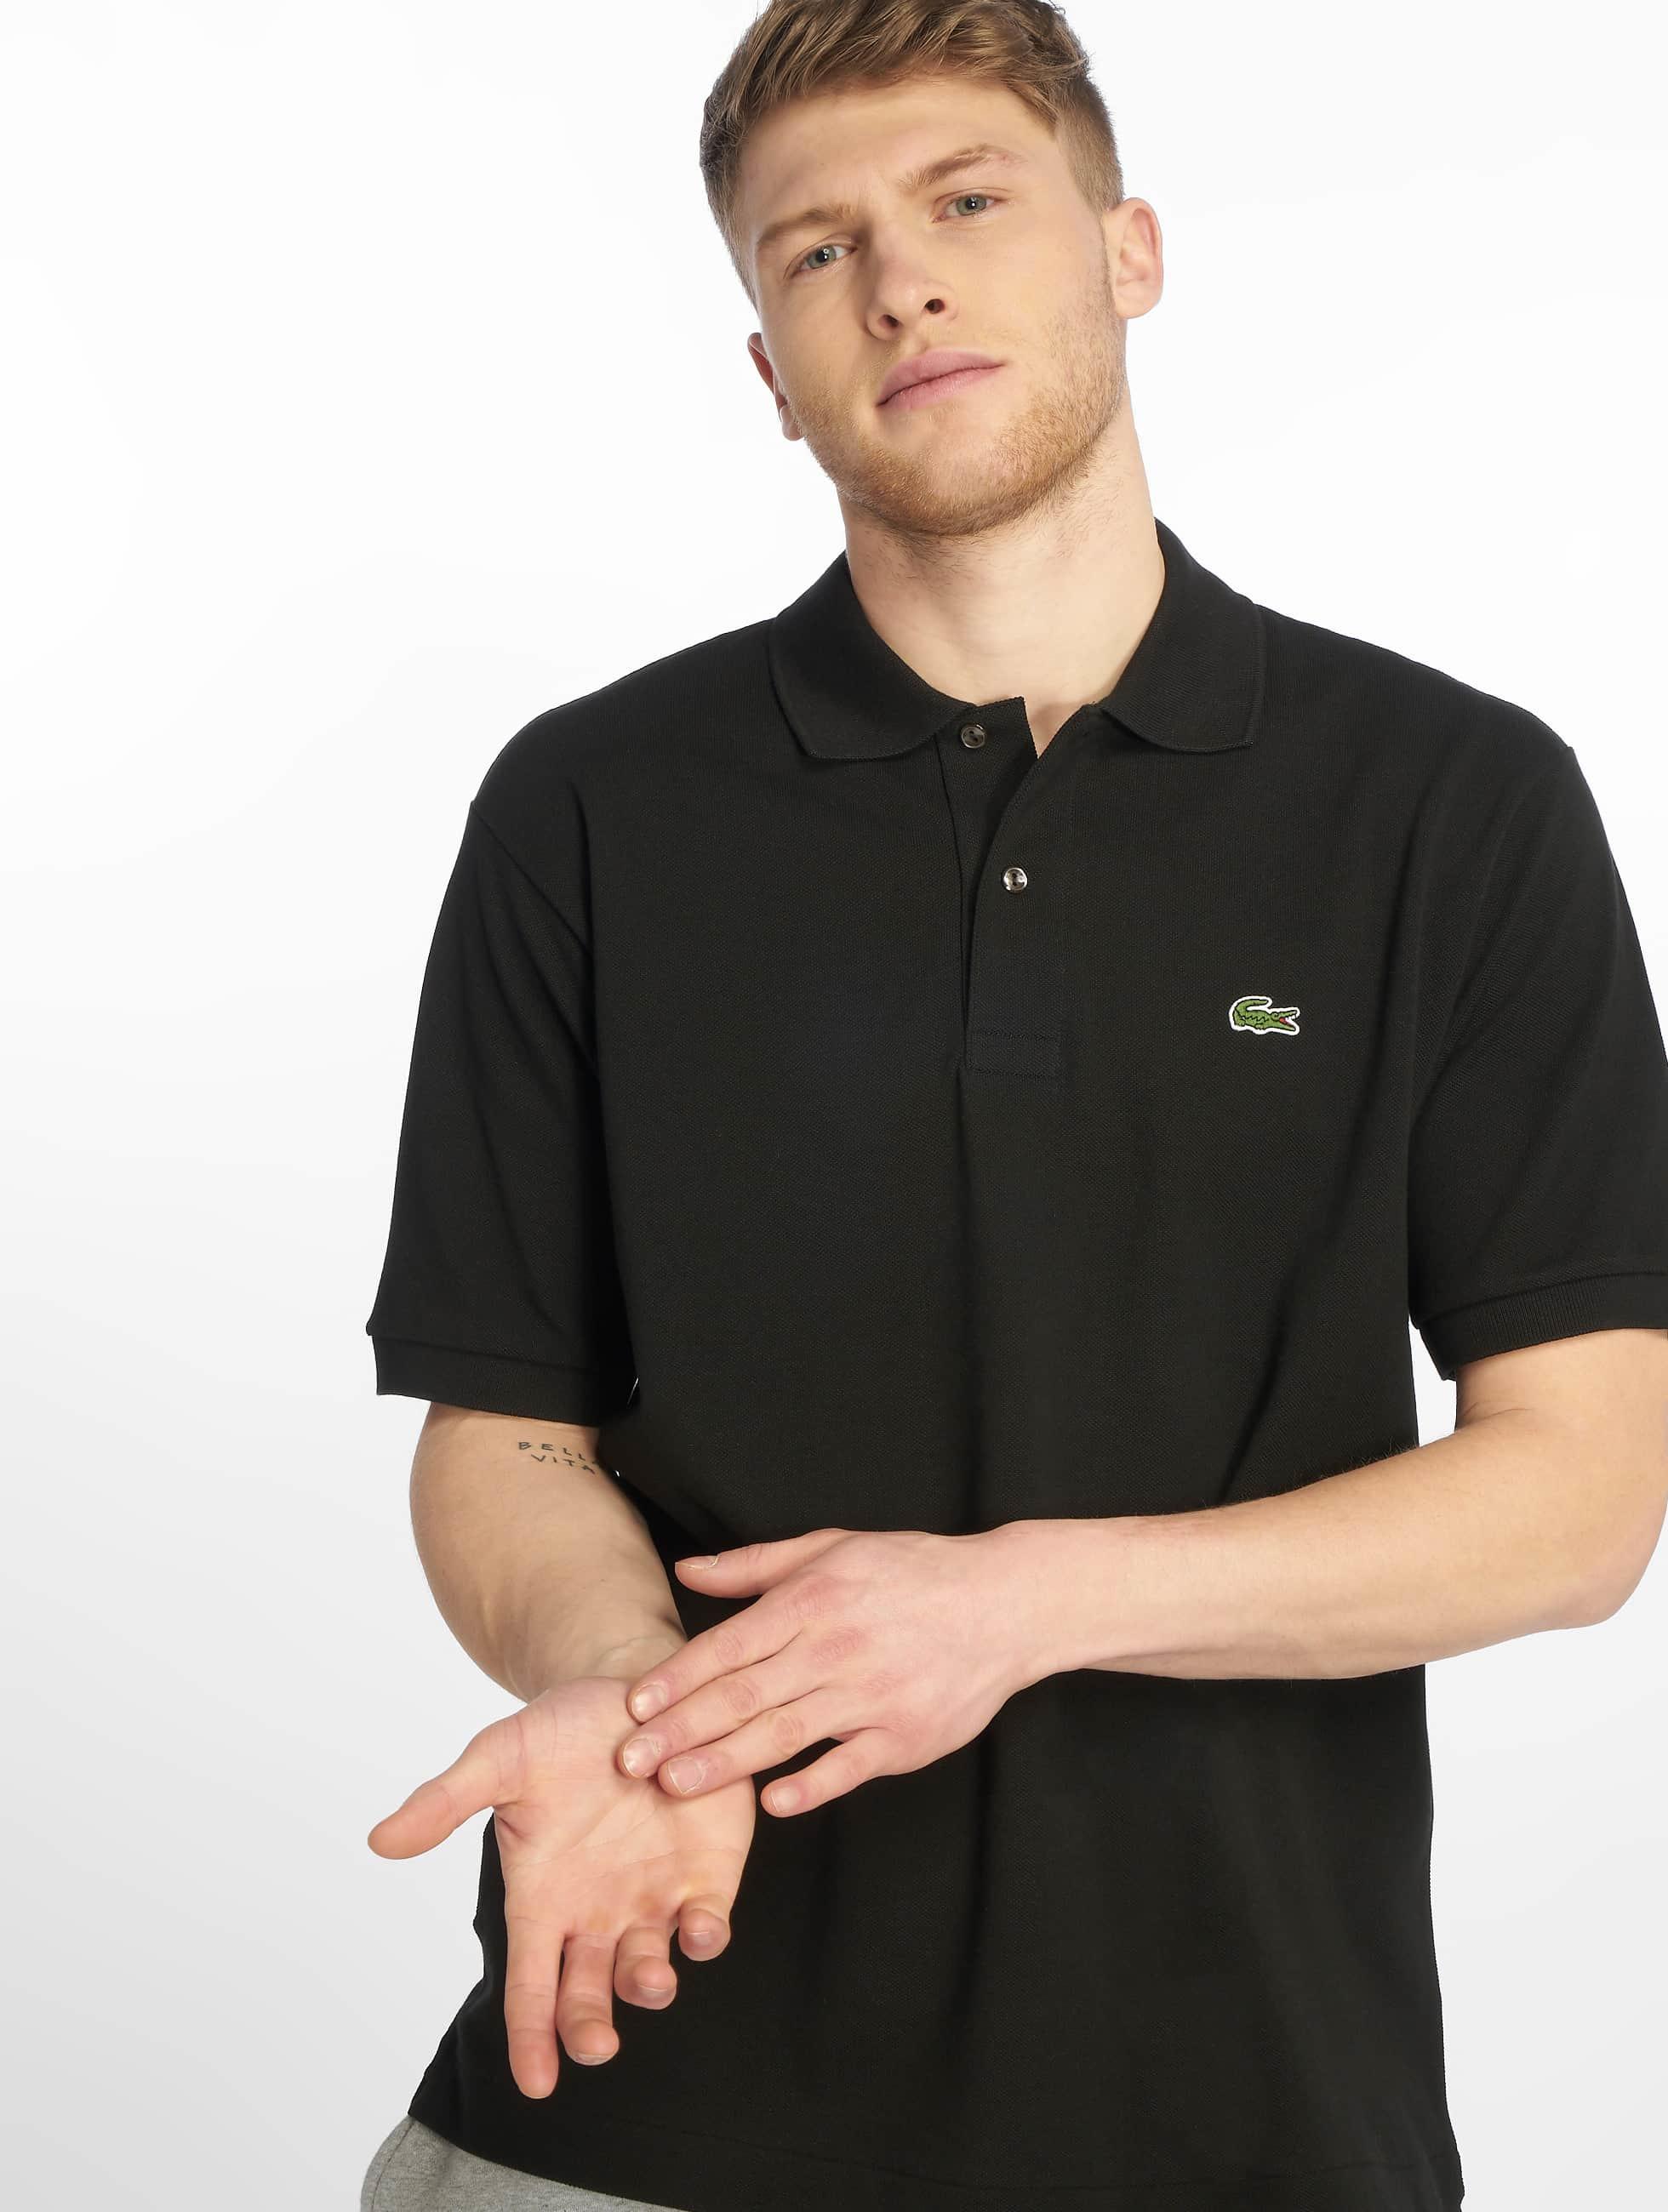 Lacoste Classic Poloshirt Basic schwarz